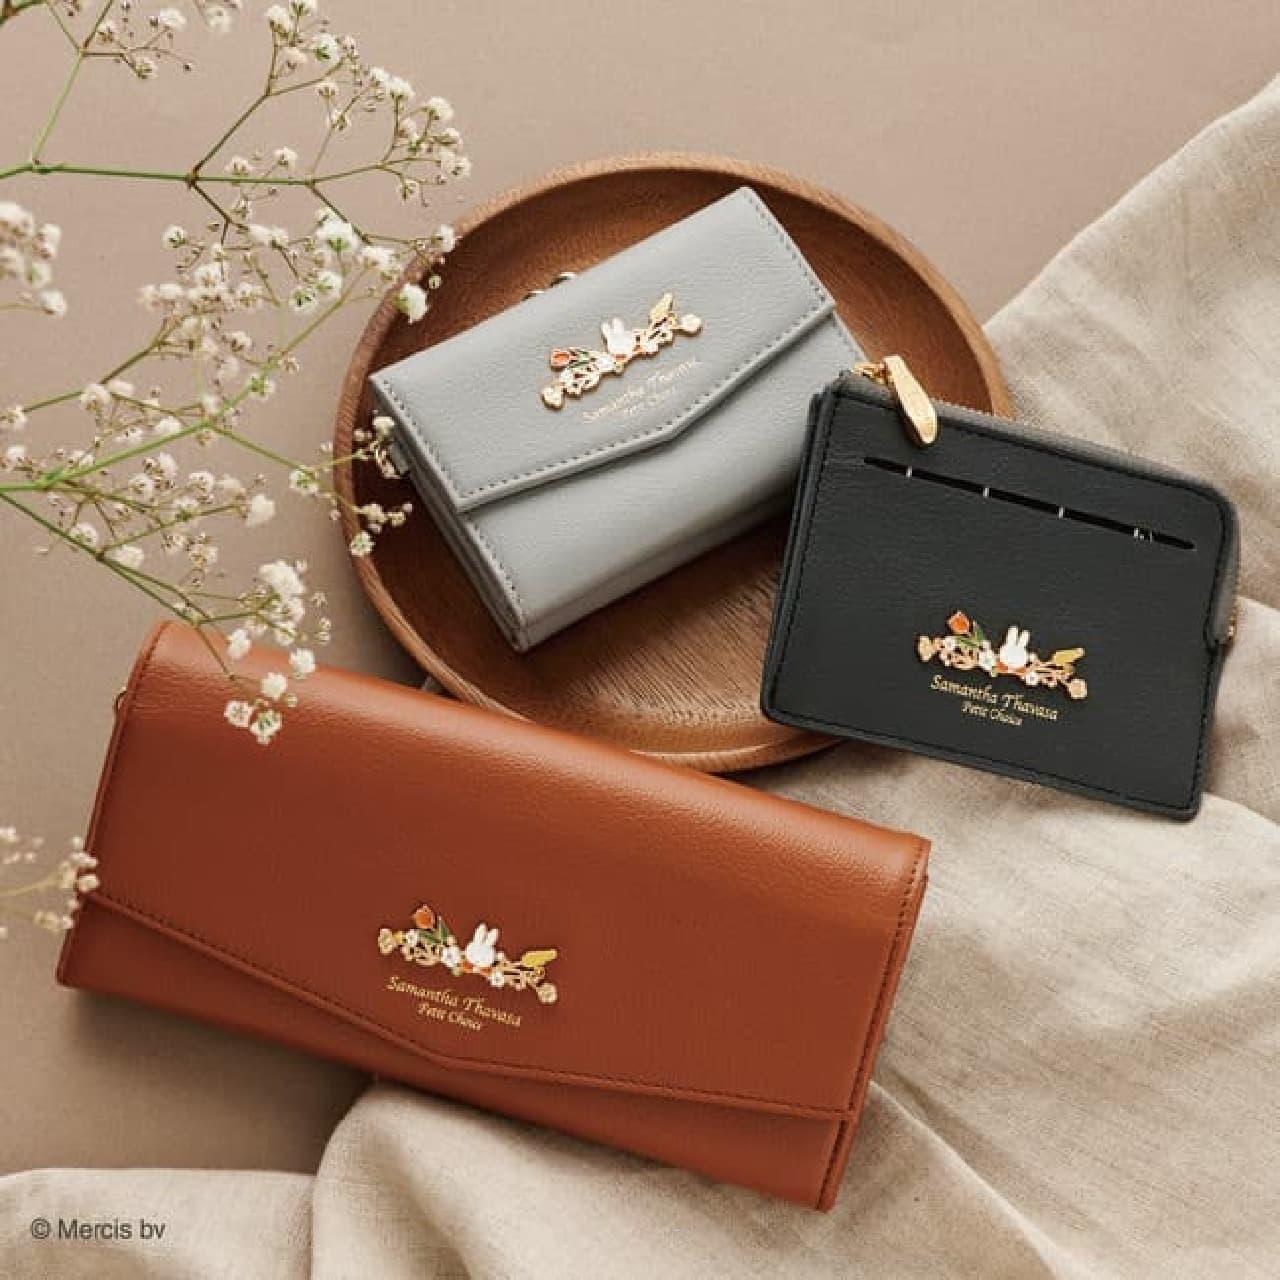 サマンサタバサプチチョイス×ミッフィーのコレクション -- 財布小物・iPhoneケースなど